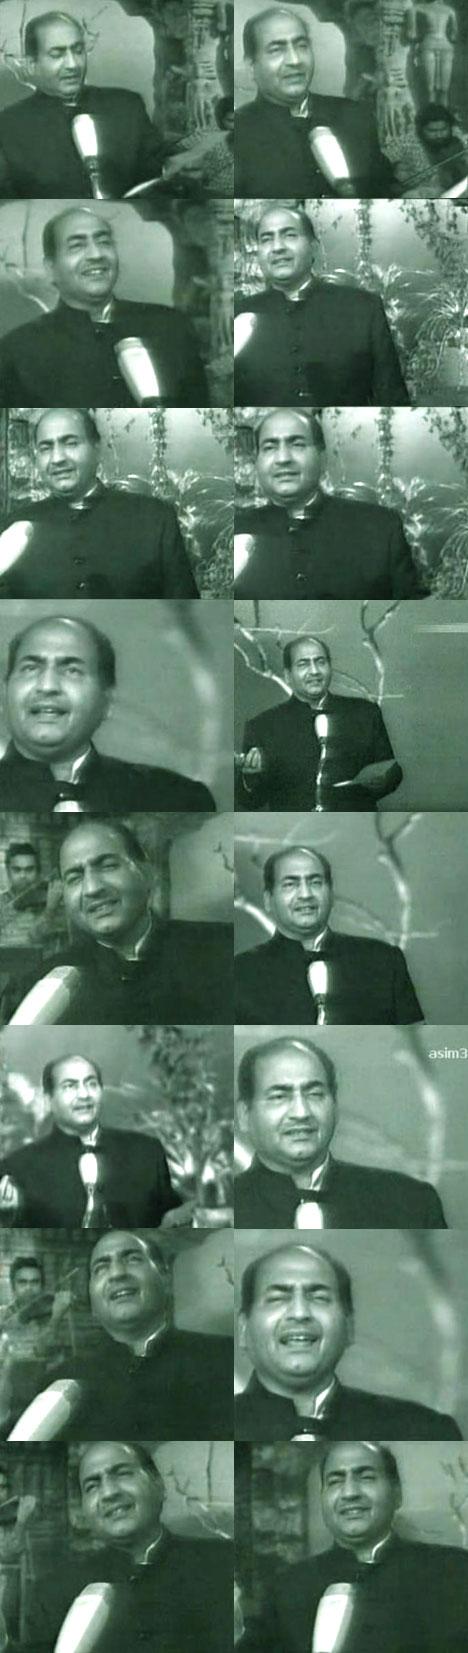 Rafi Sahab singing O Duniya Ke Rakhwale